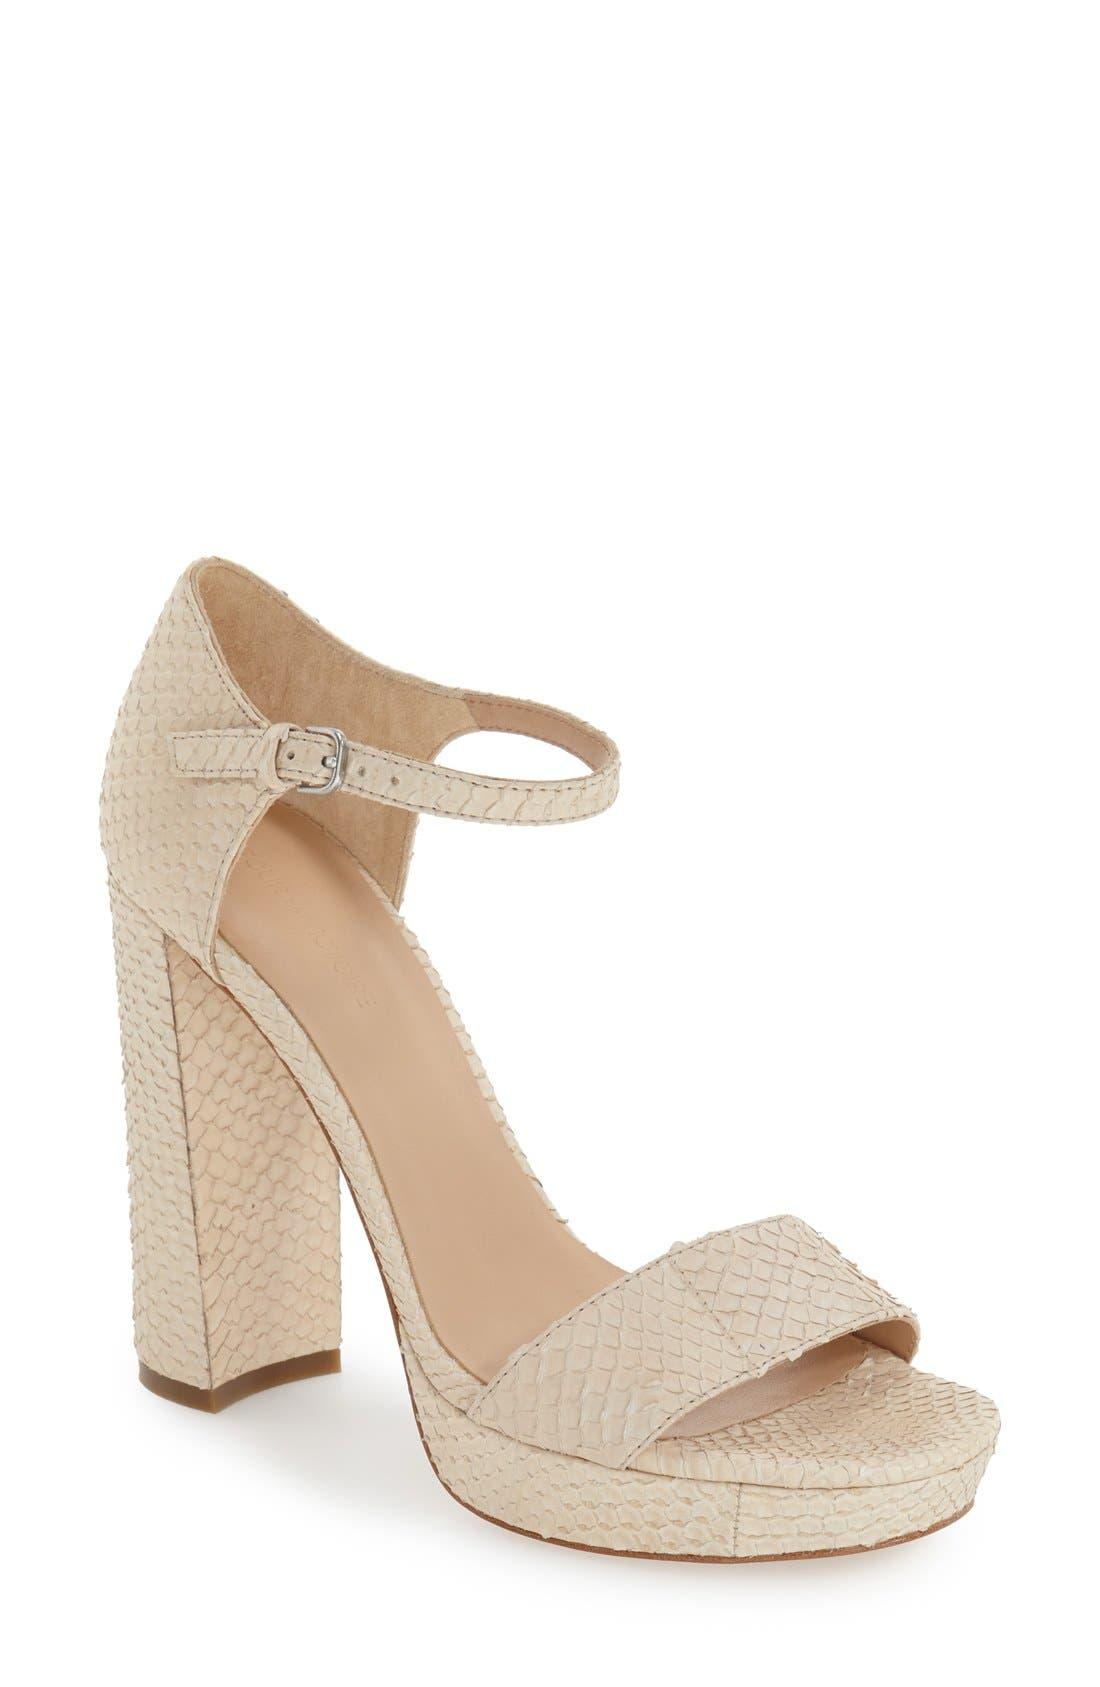 POUR LA VICTOIRE 'Yvette' Ankle Strap Sandal